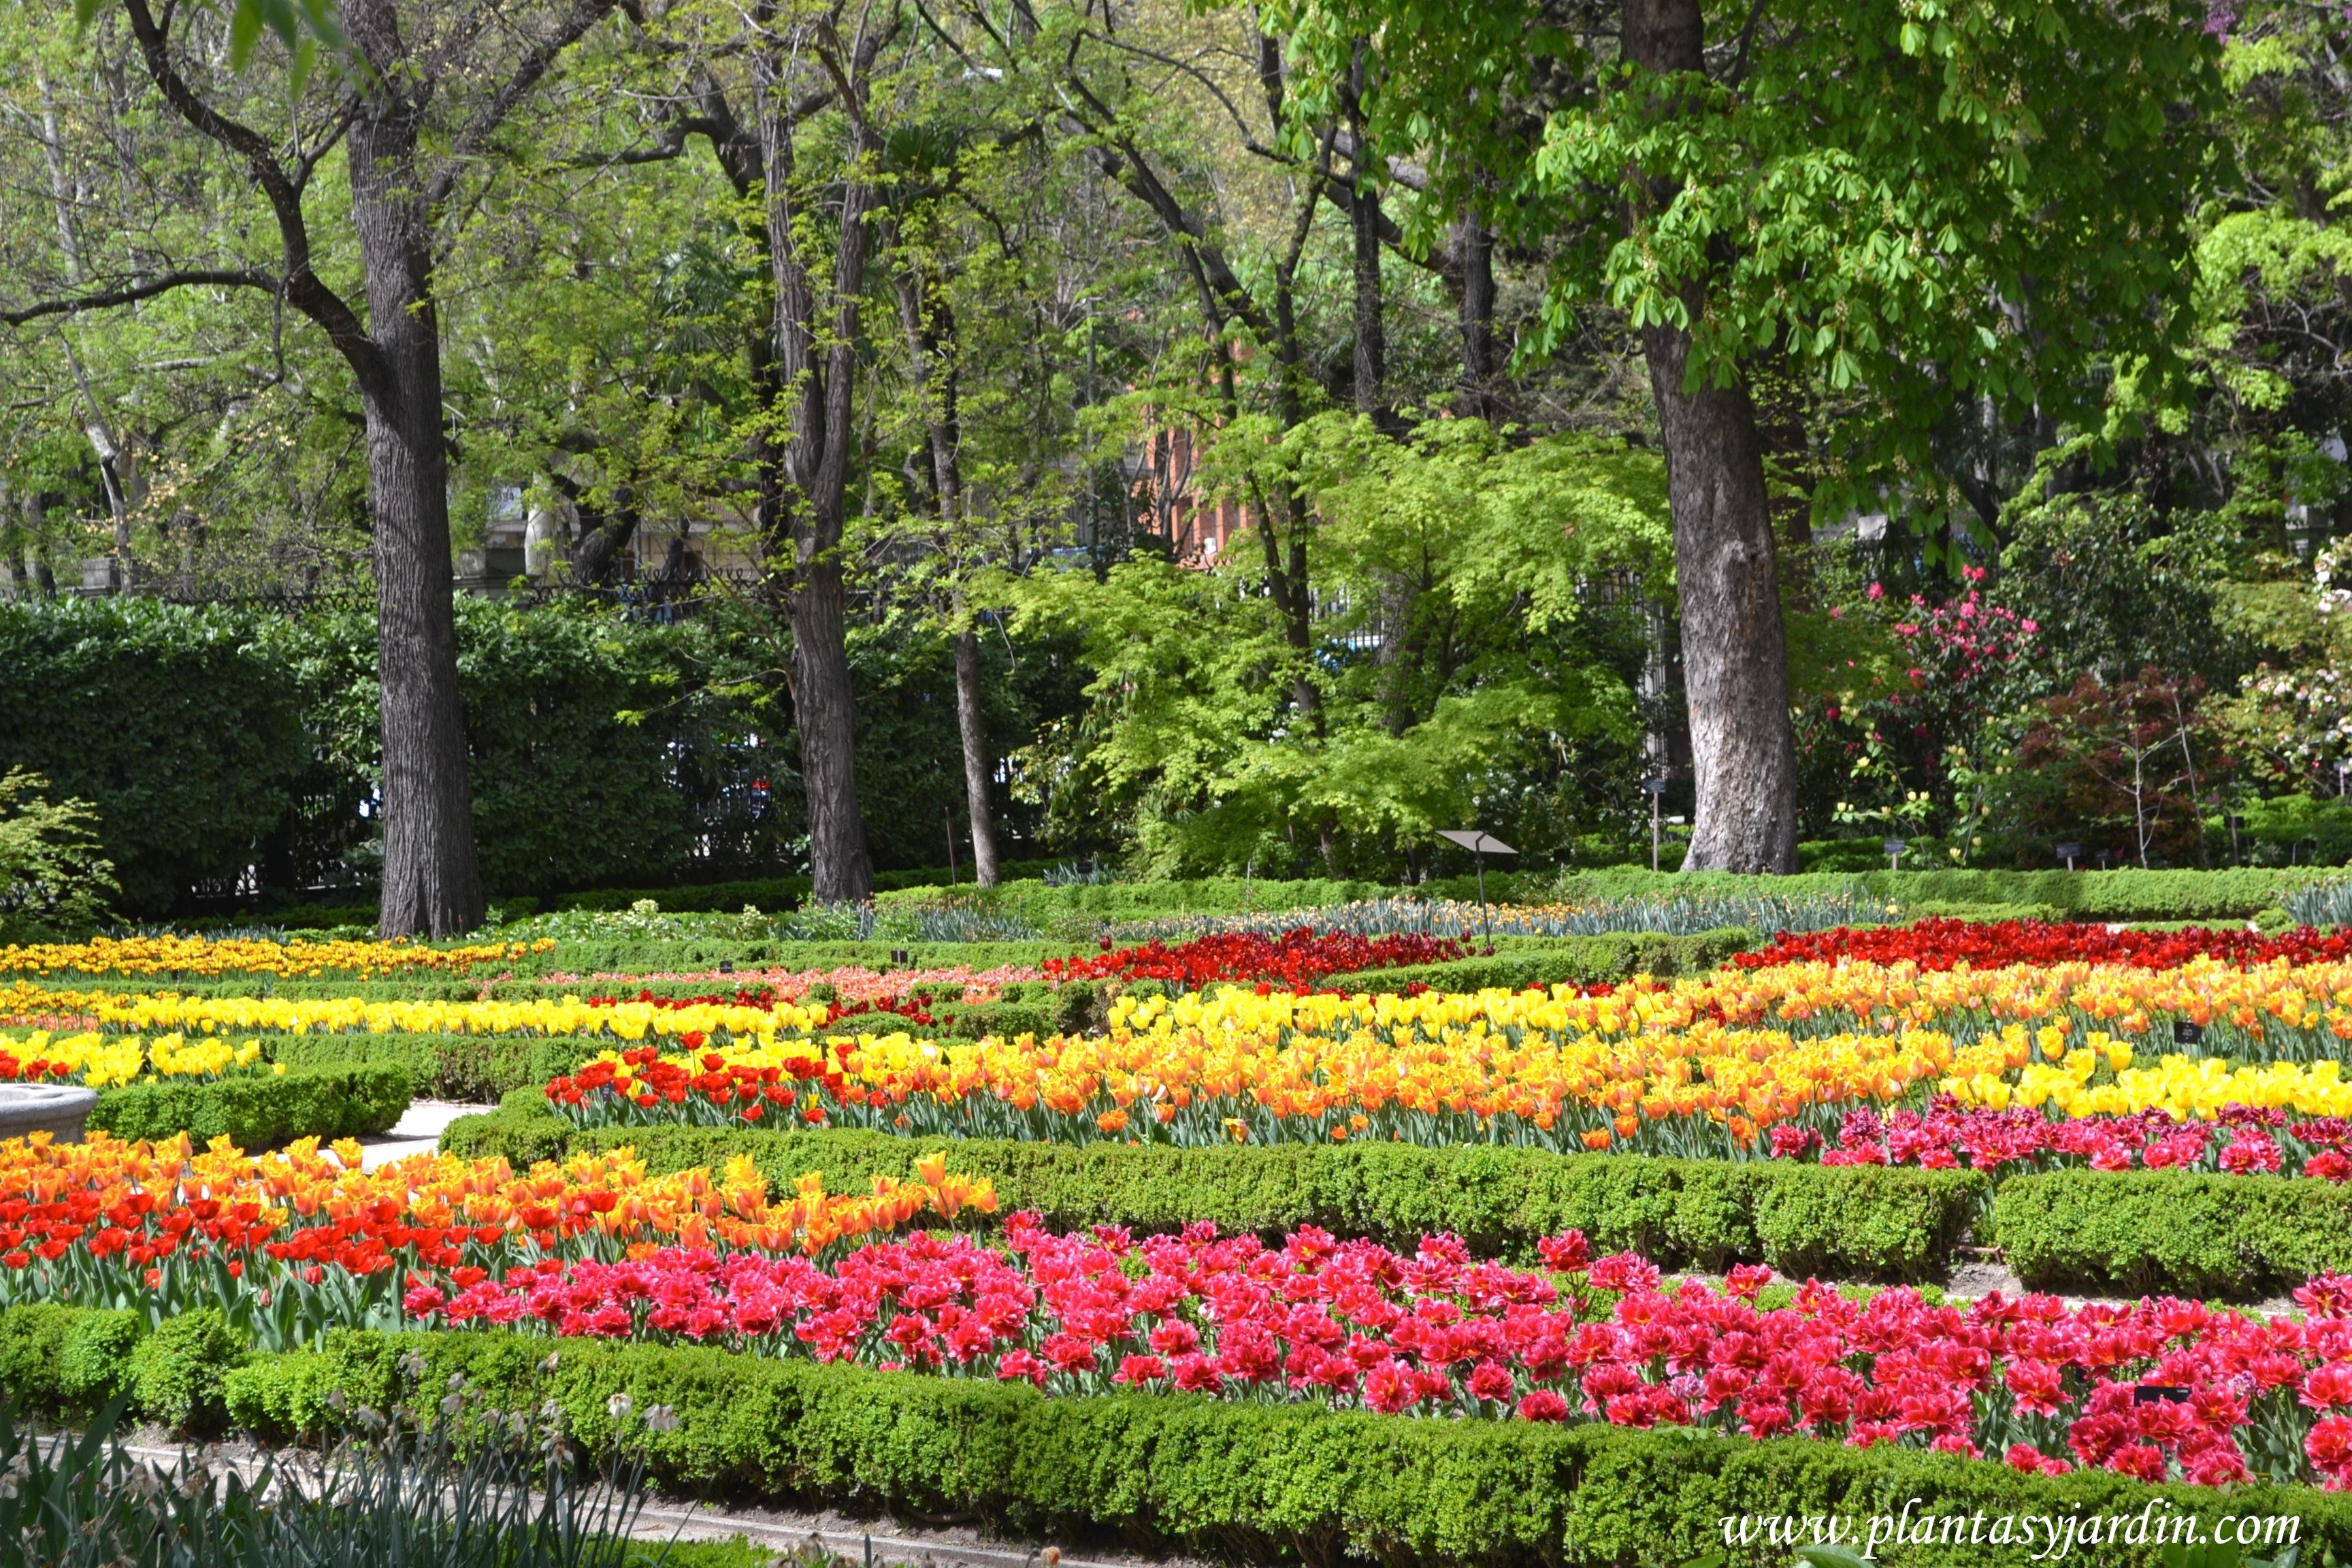 Tulipanes florecidos en primavera en el Real jardín Botánico de Madrid.